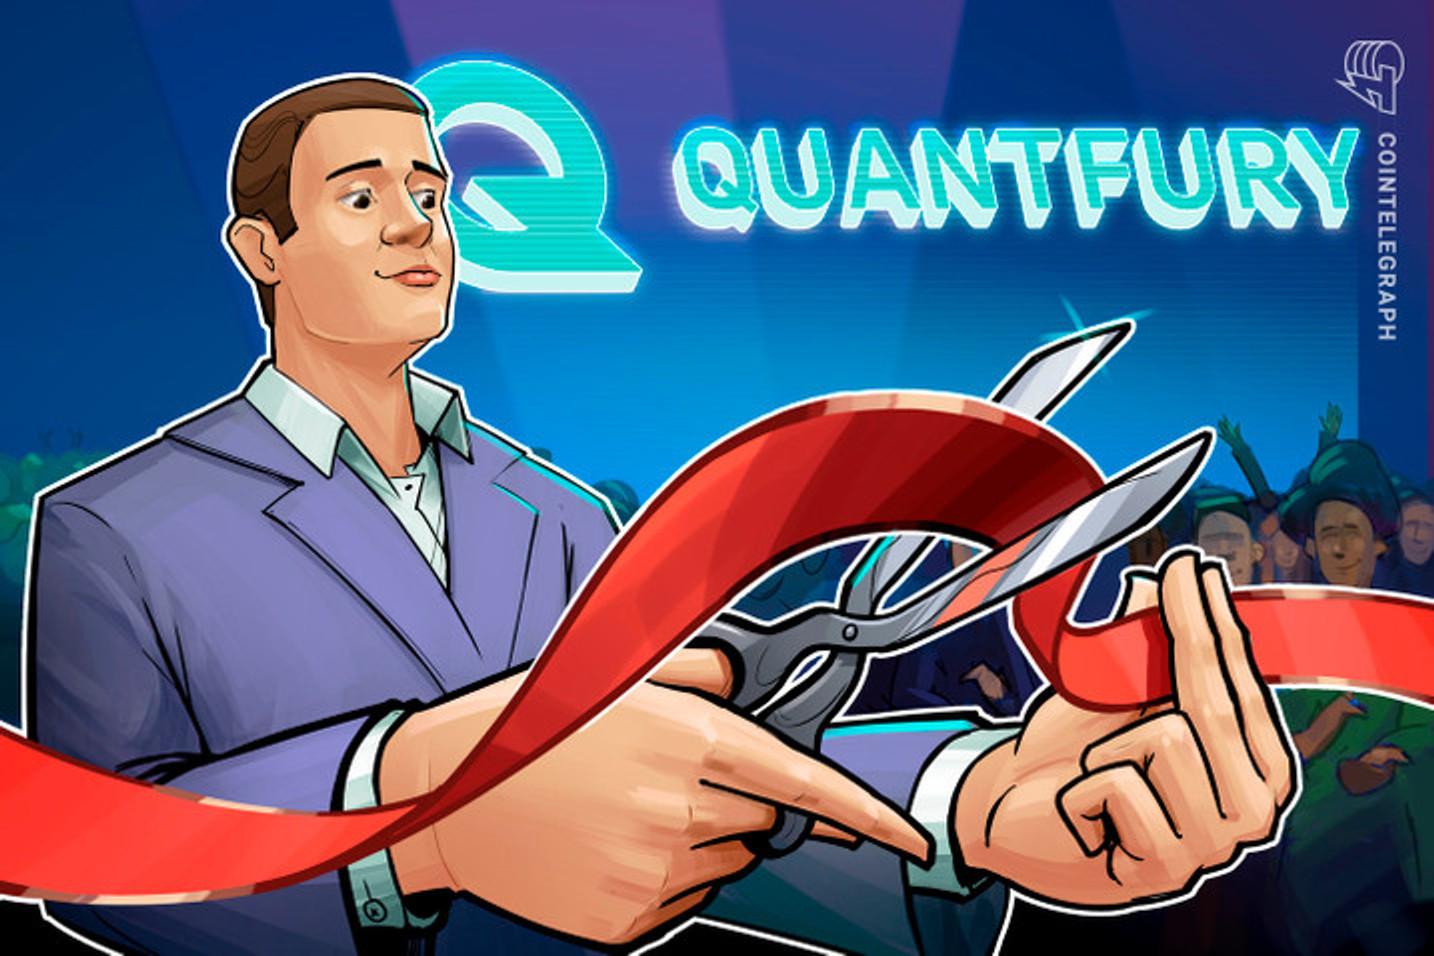 取引プラットフォームのQuantfuryが、新規ユーザー獲得に向けた画期的なアプローチを発表